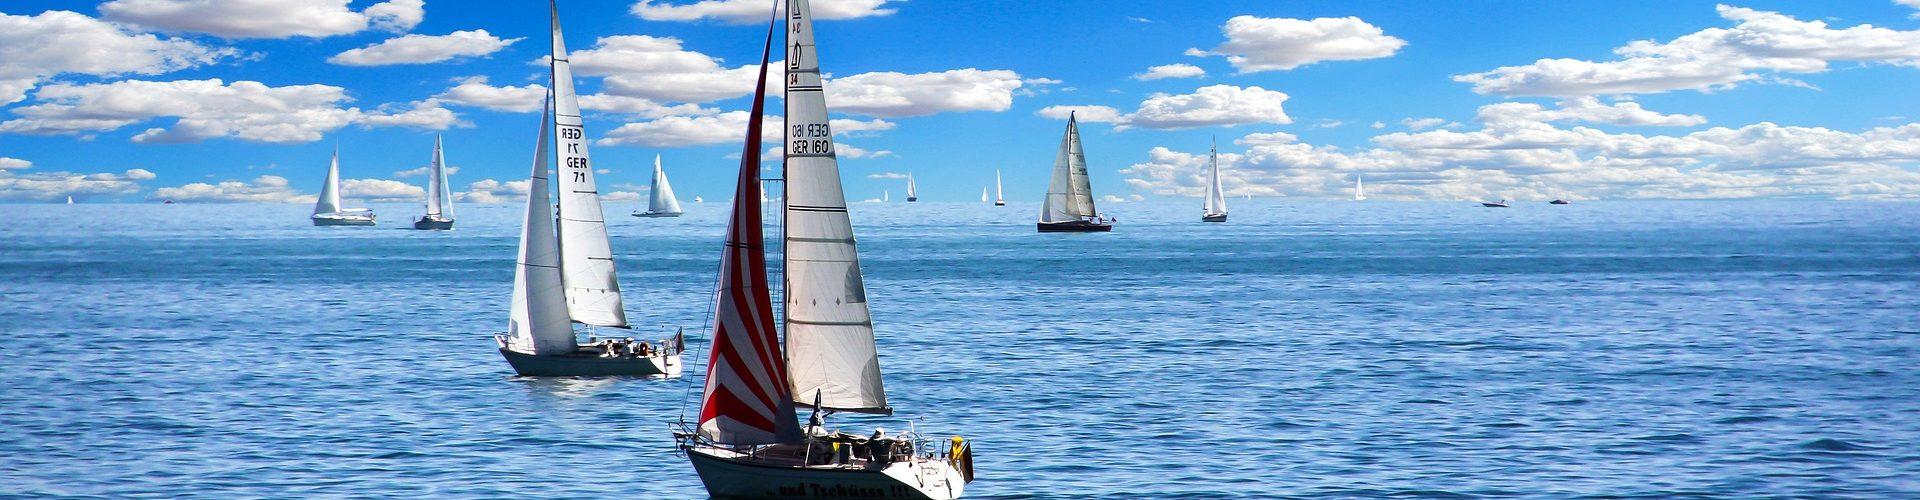 segeln lernen in Dierhagen segelschein machen in Dierhagen 1920x500 - Segeln lernen in Dierhagen